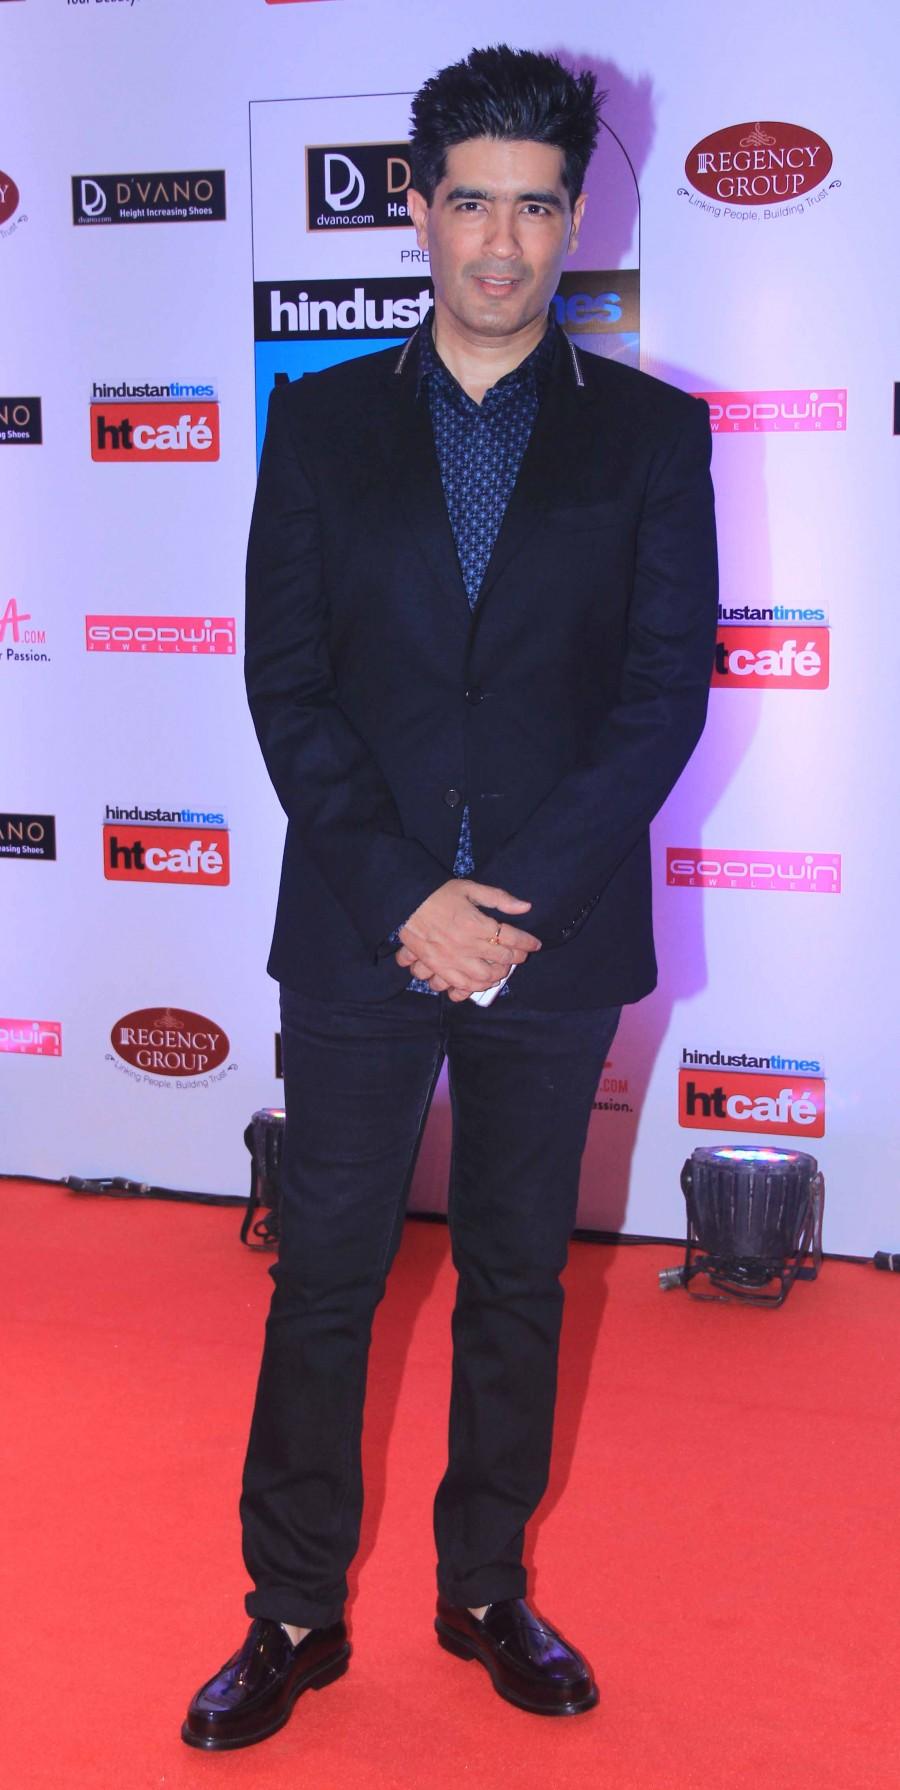 HT Most Stylish Awards 2015,award ceremony,Aishwarya rai Bachchan,Deepika Padukone,Sonam Kapoor,Shahid Kapoor,Amitabh Bachchan,Sidharth Malhotra,karan johar,sonakshi sinha,photos